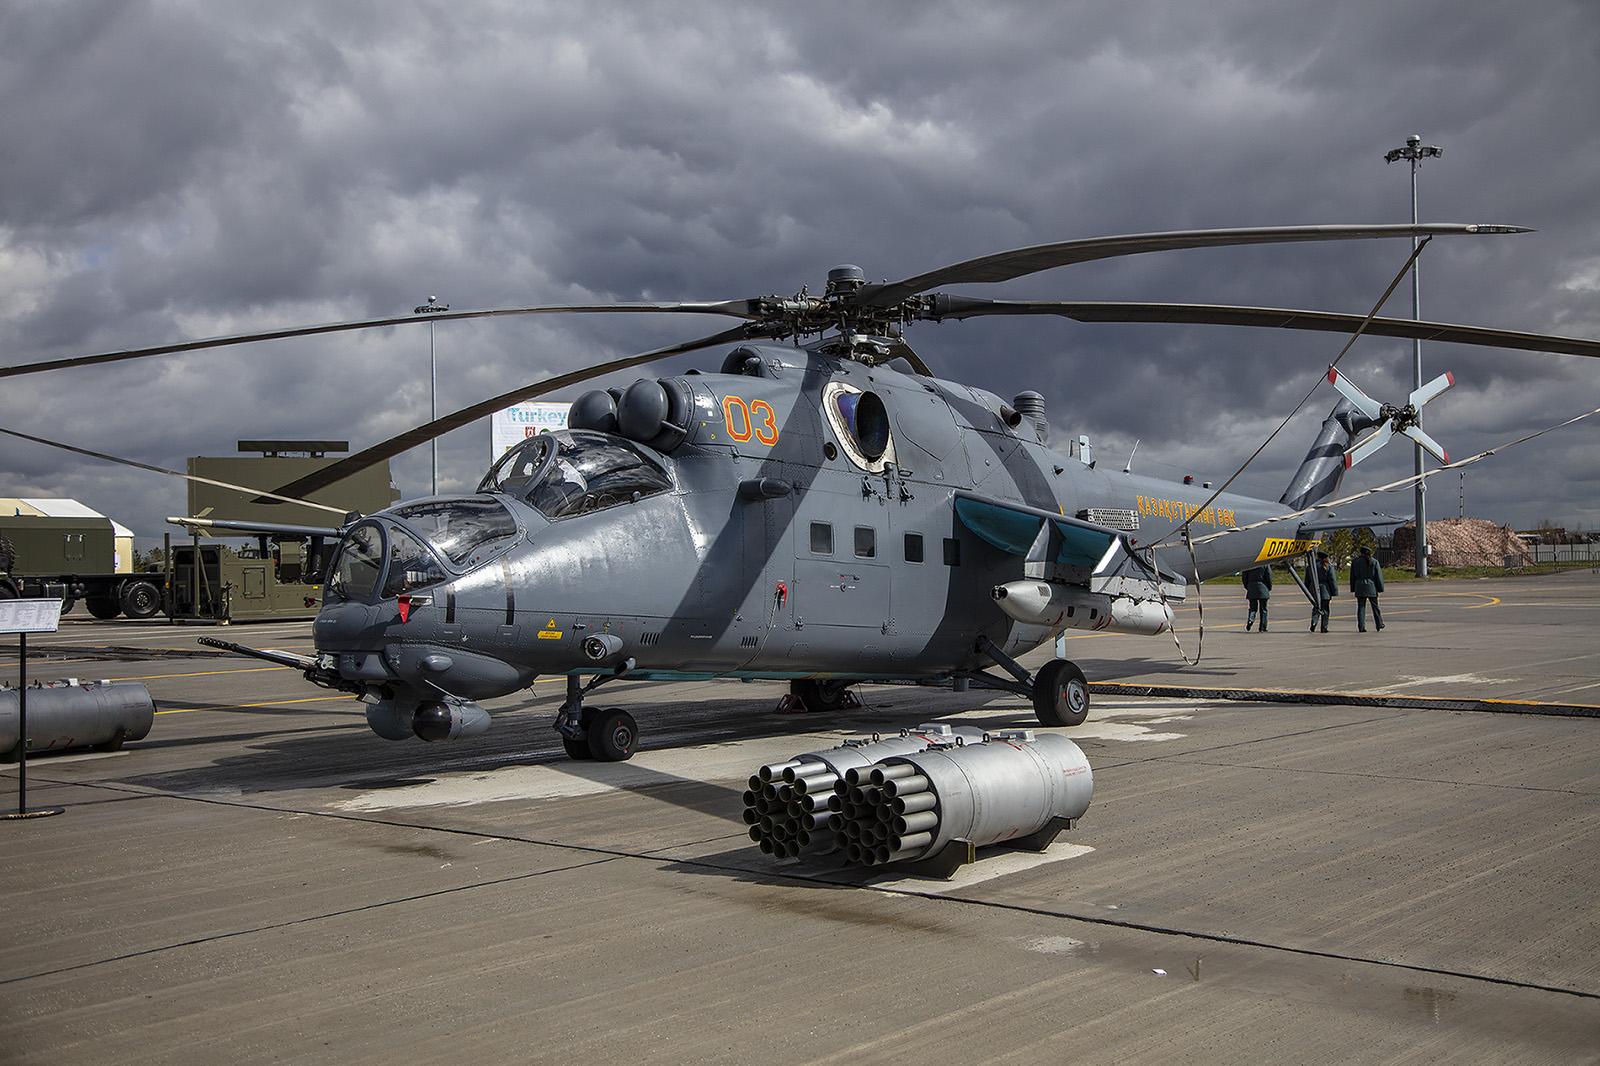 Ein brandneuer Mil Mi-35 der Luftwaffe